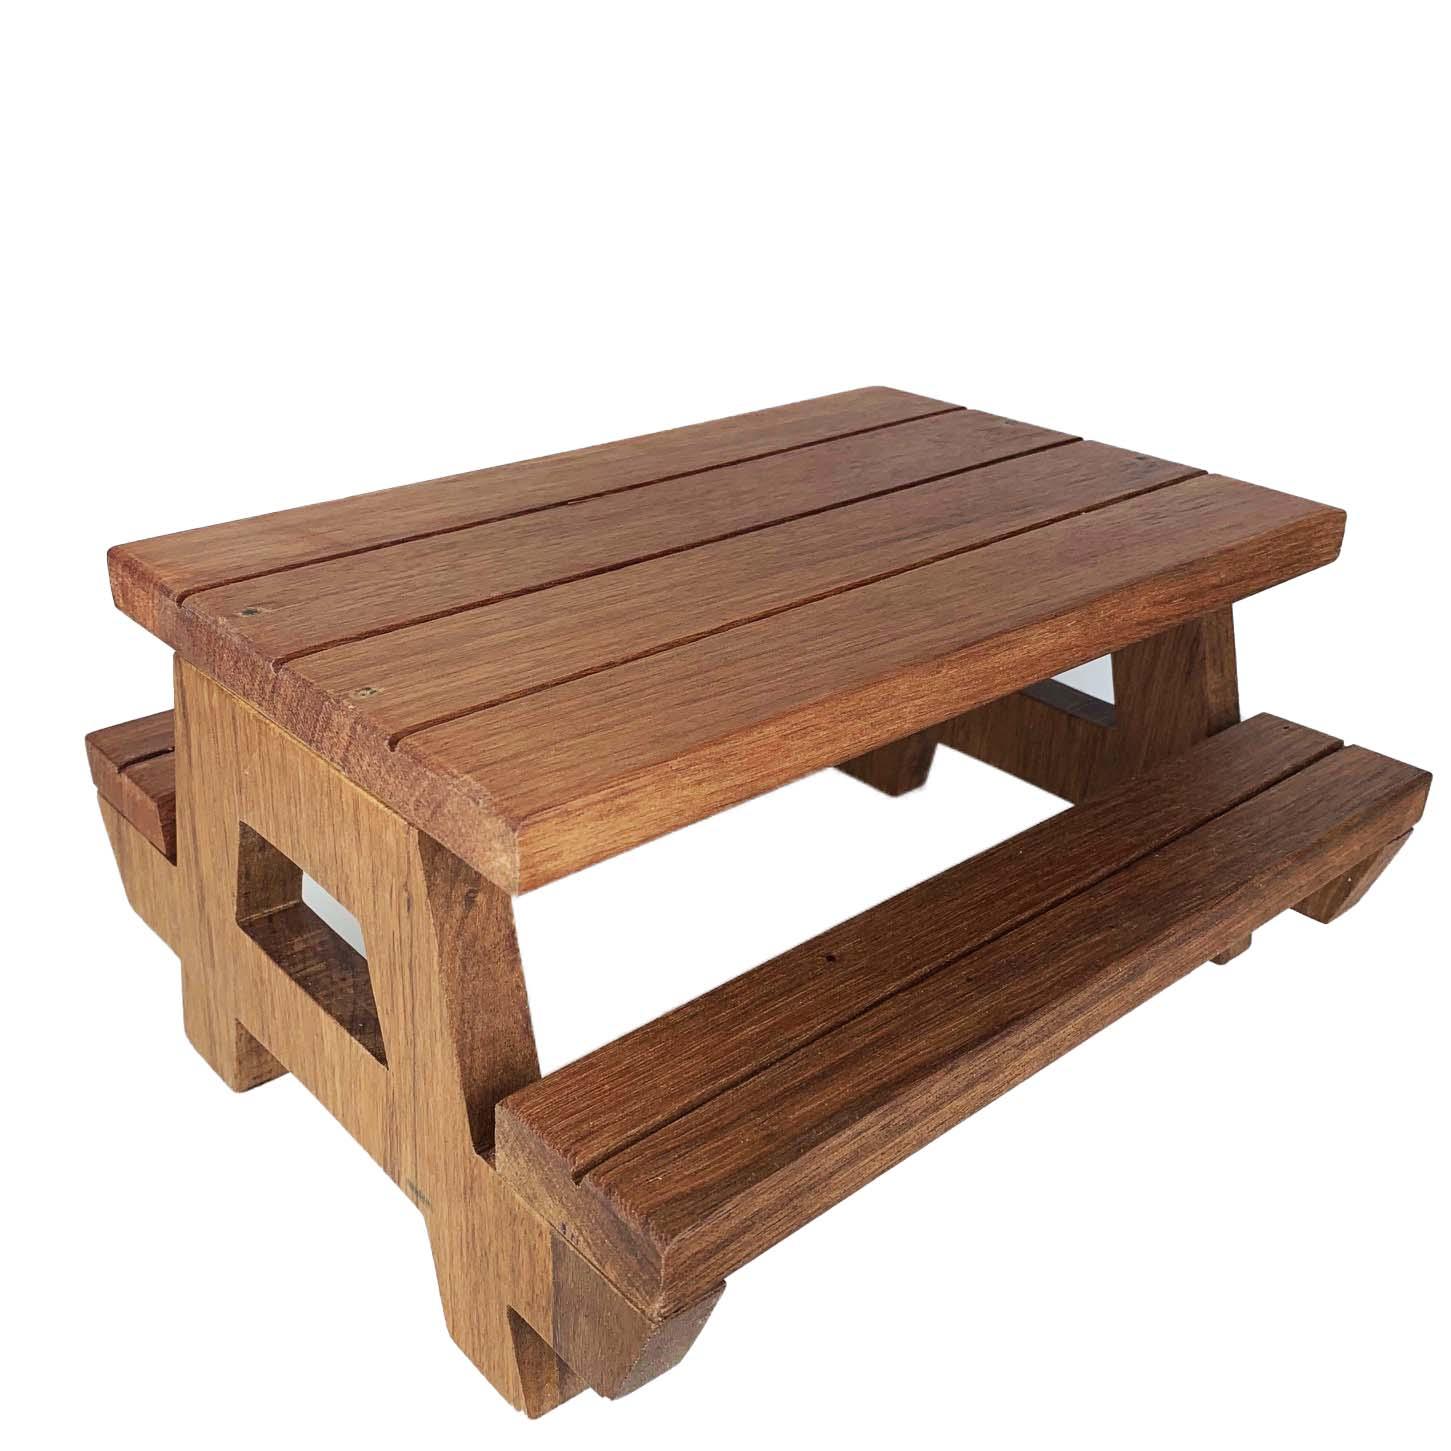 Snack Table de madeira